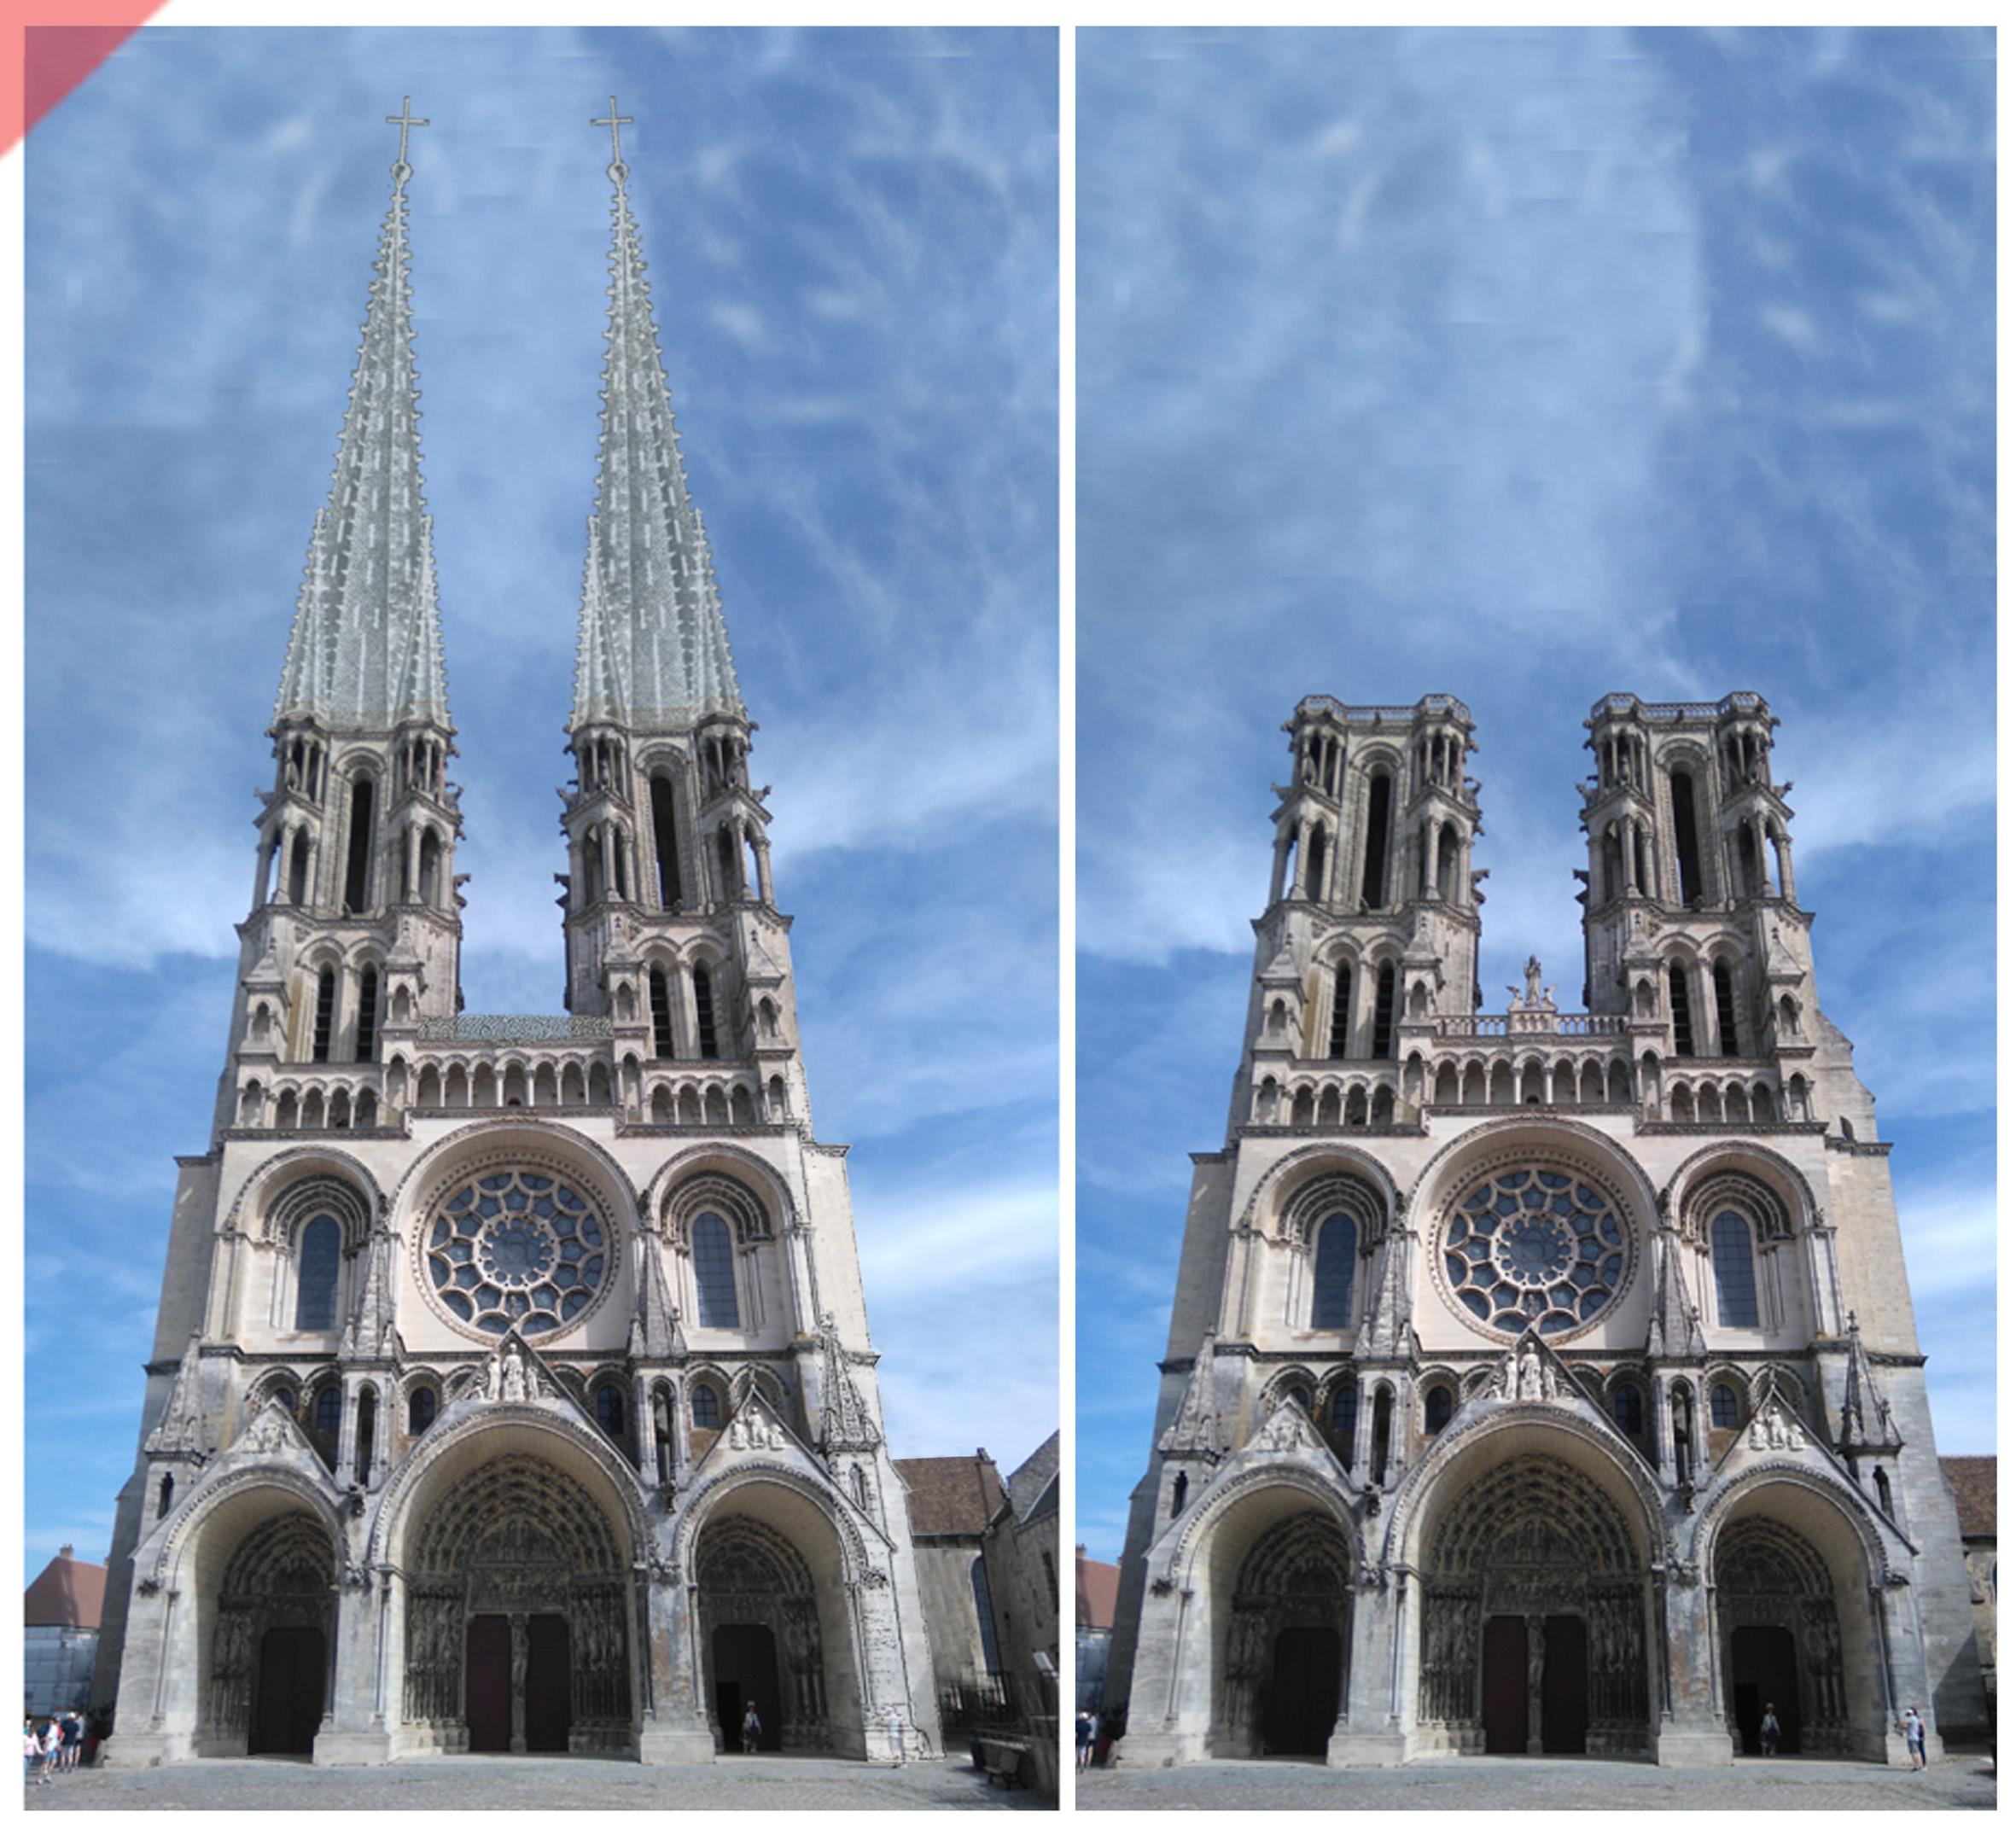 Laon-Cathédrale-2-deux-tours-fenêtre-rose-ouest-tours avant-toits-plane-alors-et- maintenant-Laon-cathedrale-2-two-towers-window-rose-katehdrale-façade-west-pitched-roof-then-and-now